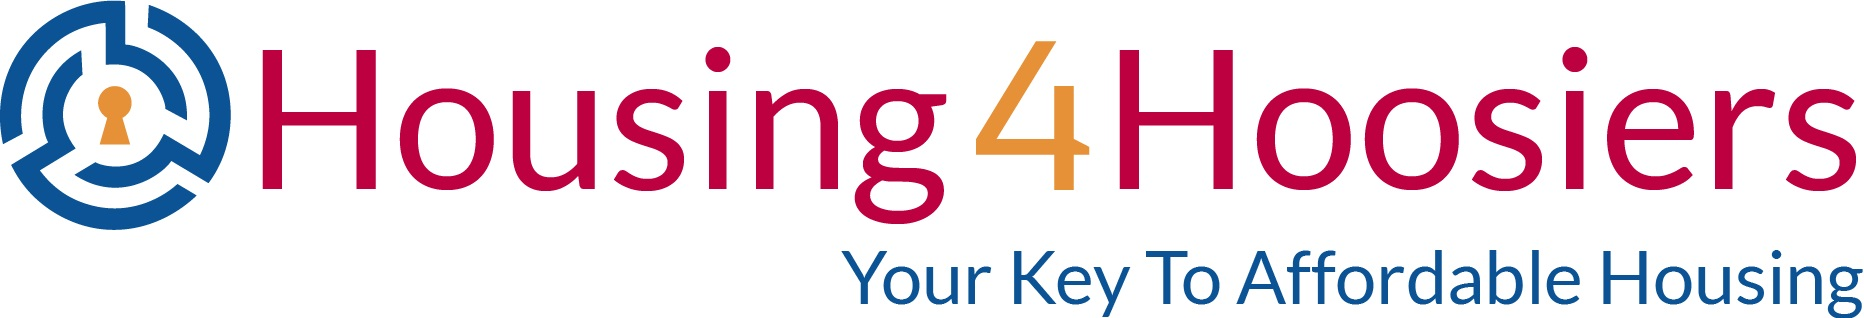 h4h logoh4h logo